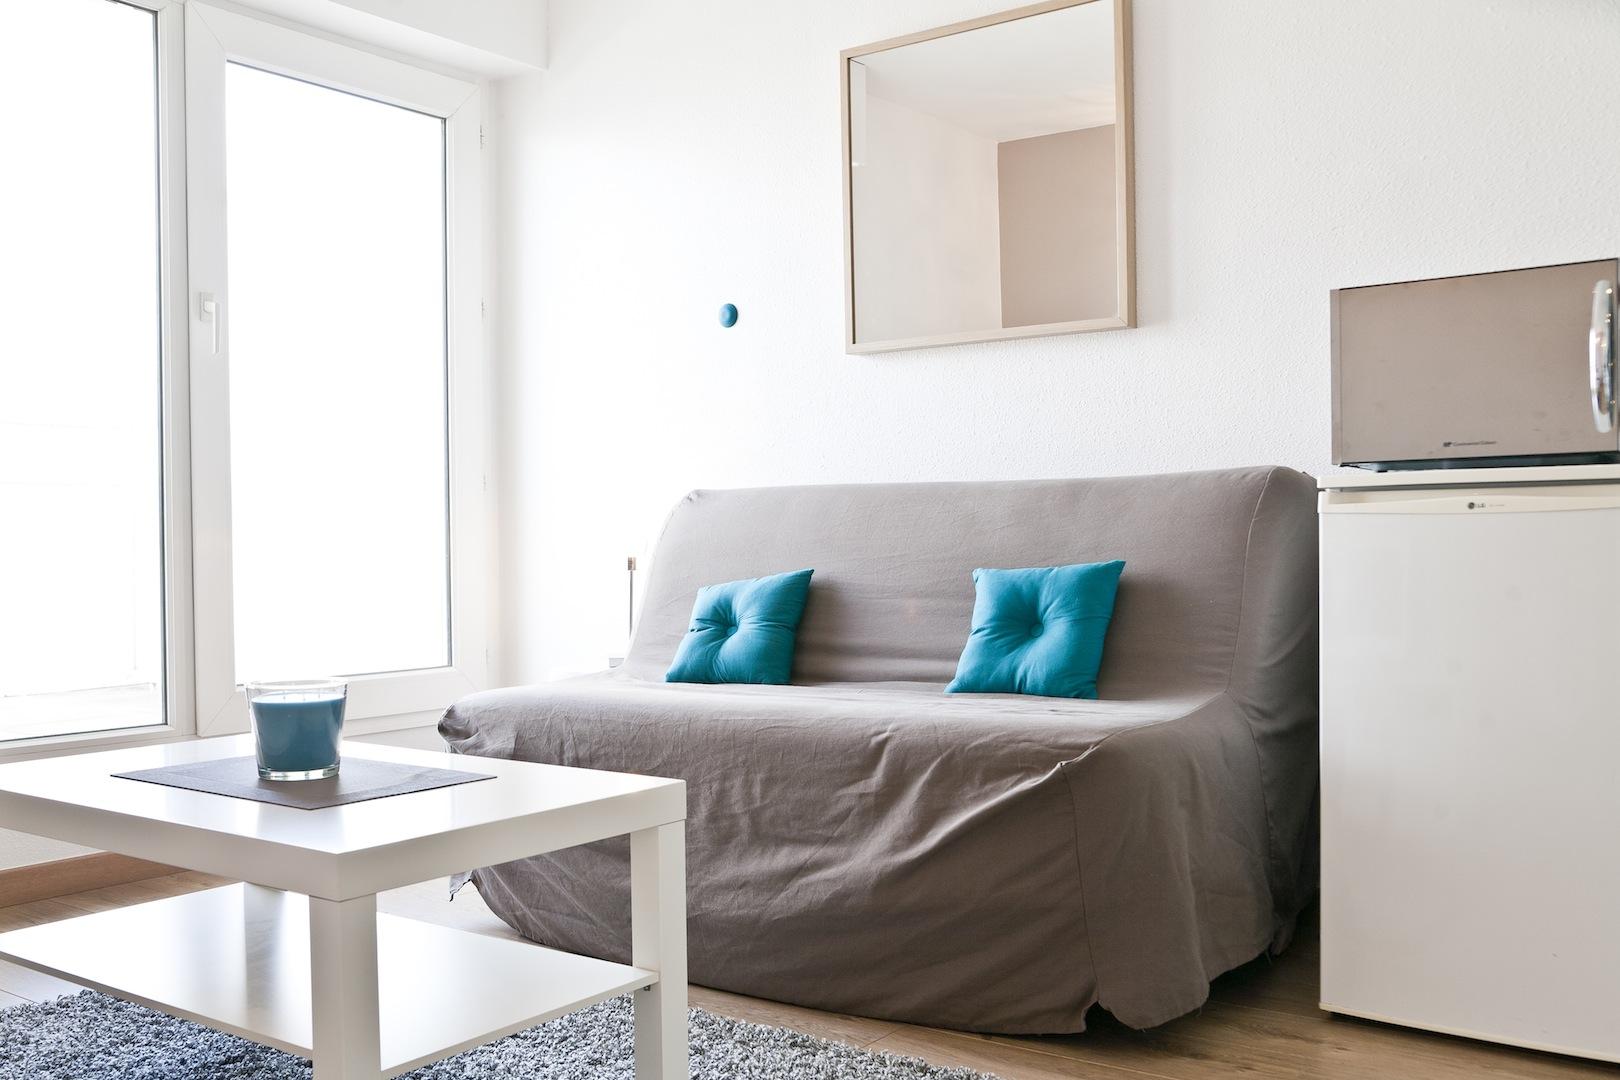 17 appart h tel nantes g te urbain meubl en centre ville de nantes appart h tel nantes. Black Bedroom Furniture Sets. Home Design Ideas